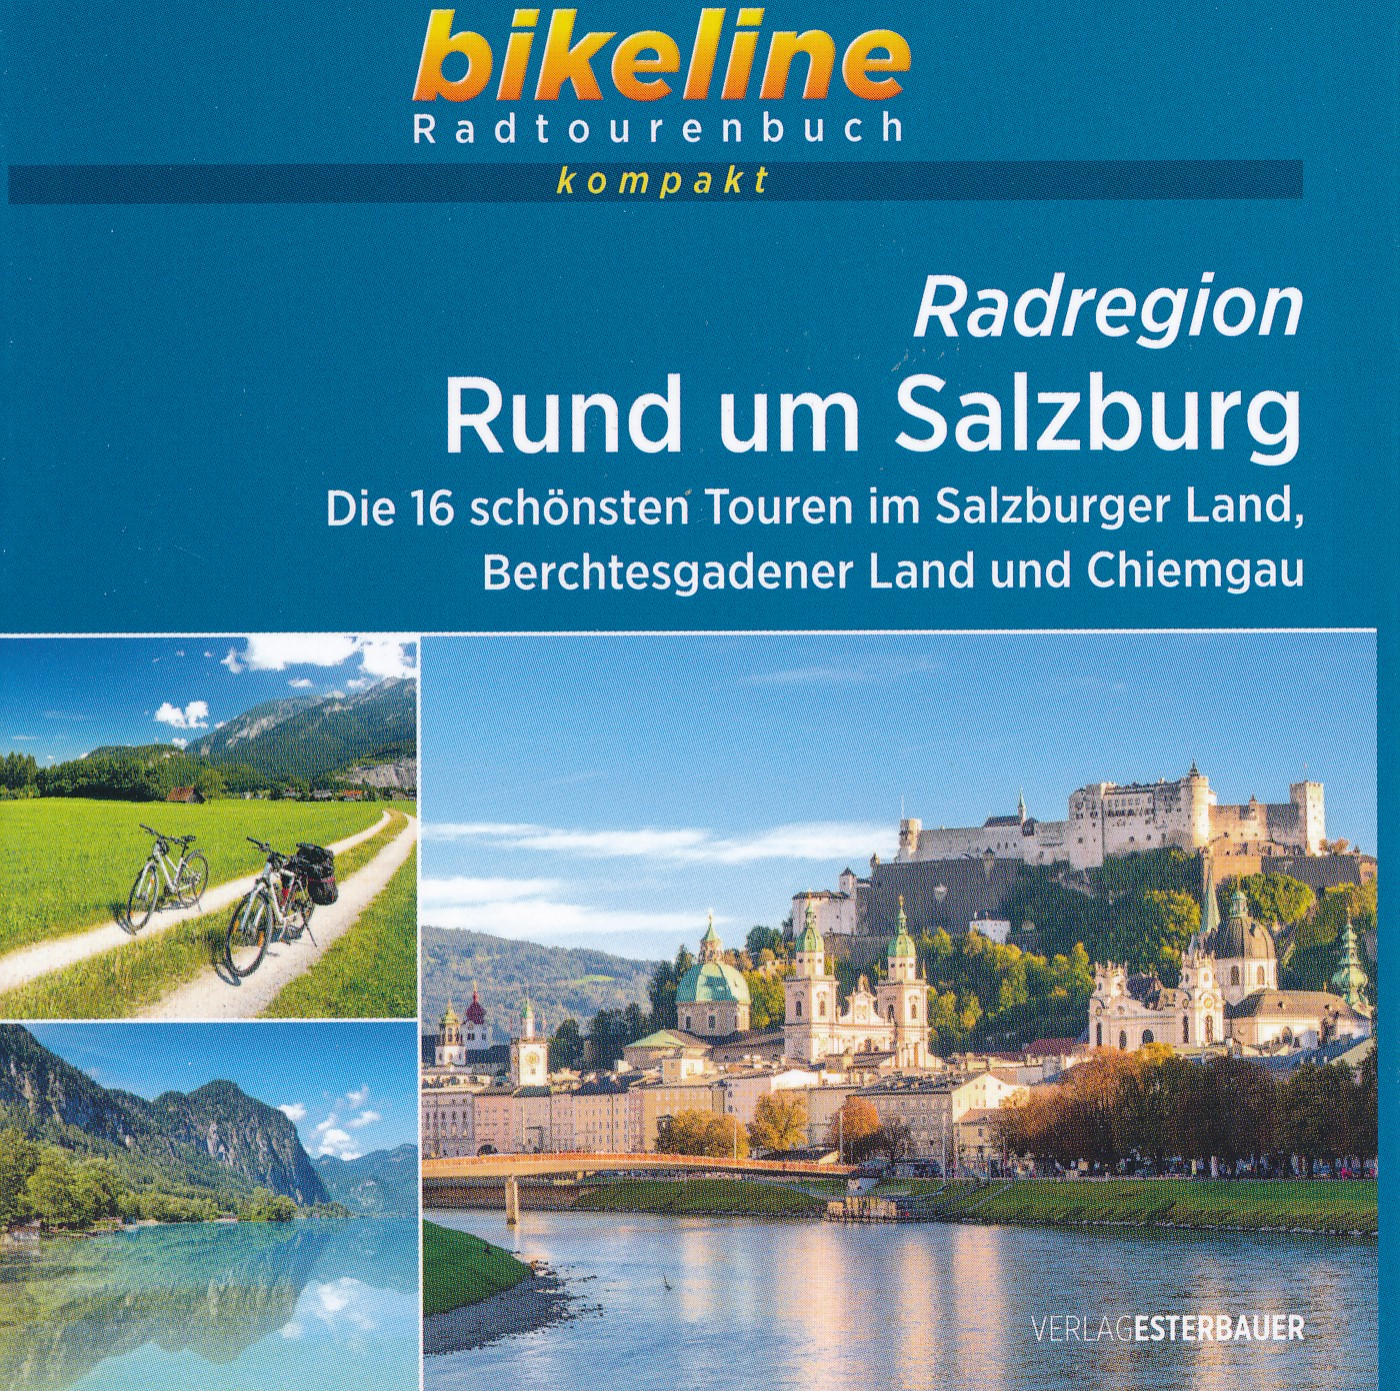 Fietsgids Bikeline Radtourenbuch kompakt Rund um Salzburg | Esterbauer de zwerver